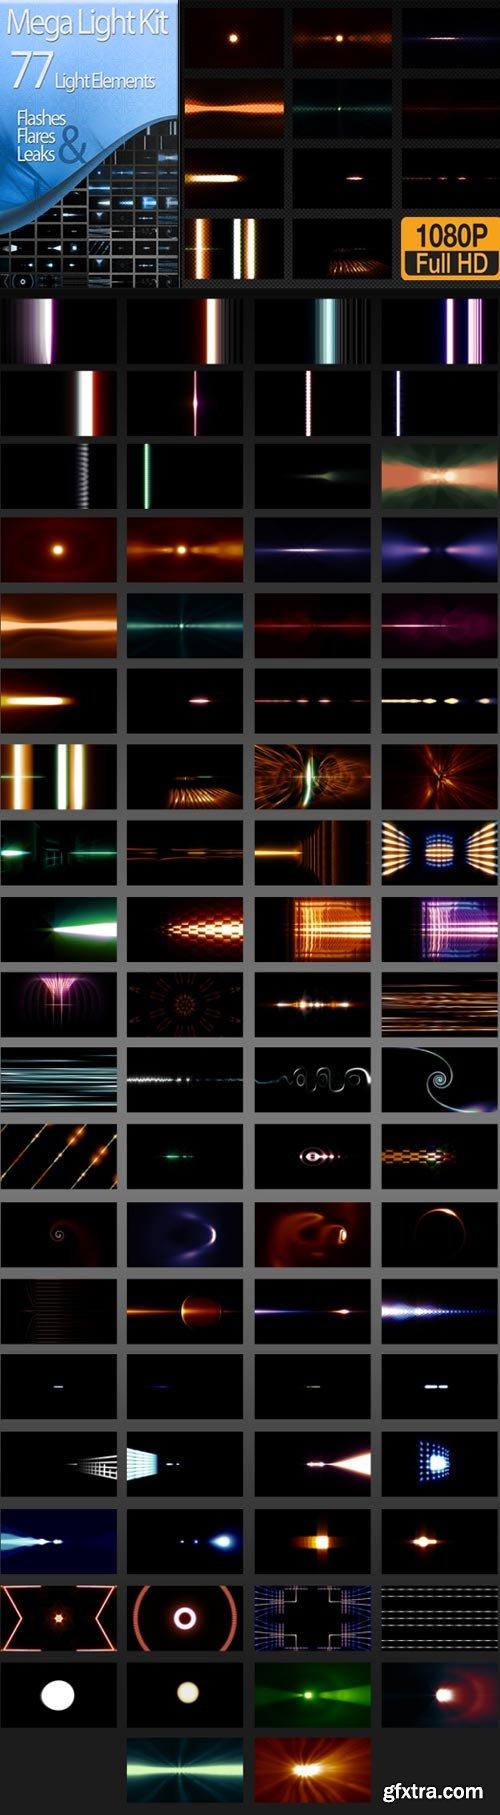 Videohive - Editor\'s Mega Light Kit - 77 Light Elements - 14081344